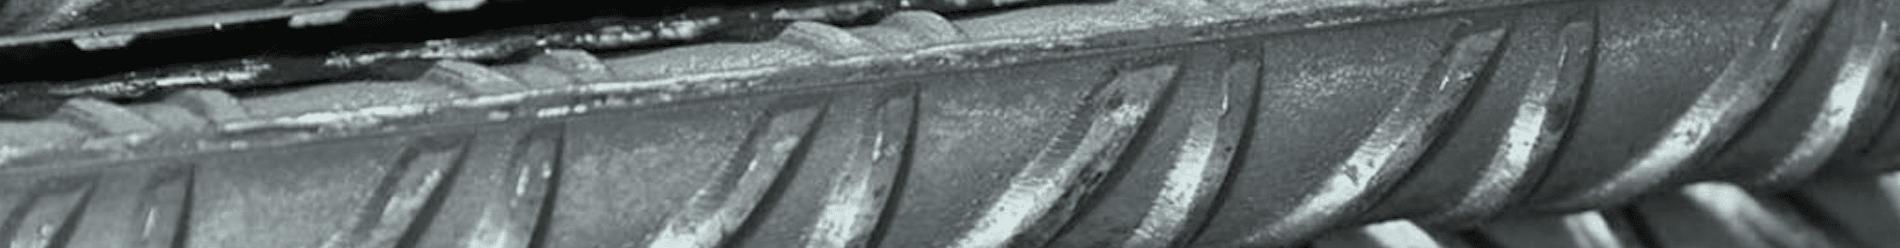 Barra actual. Evolución de las barras de acero resistencia y adhesión Ferros La Pobla